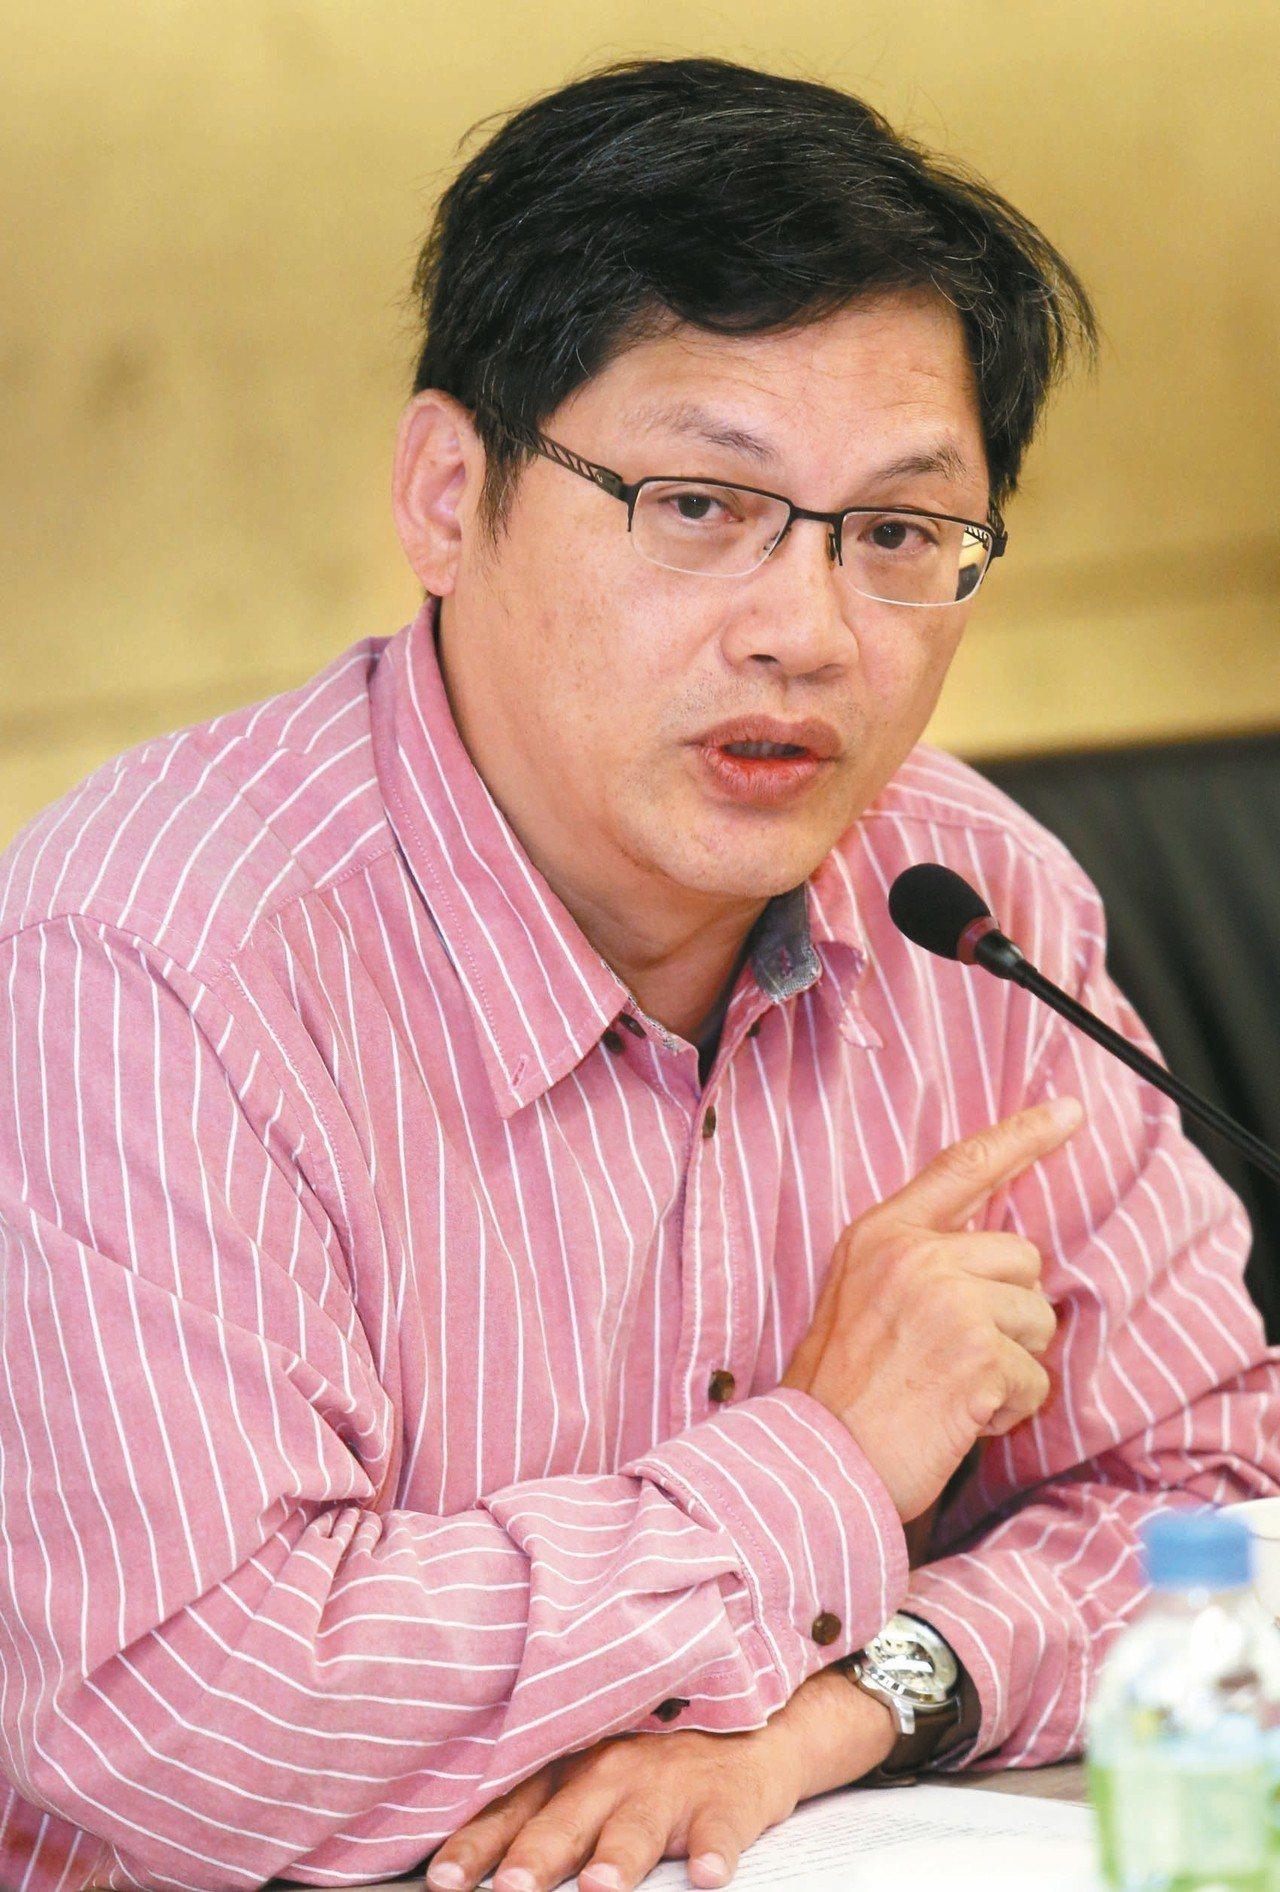 文化大學校長懸缺多時,去年遴選出盧希鵬(見圖)為校長當選人,但董事長張鏡湖拒絕將...